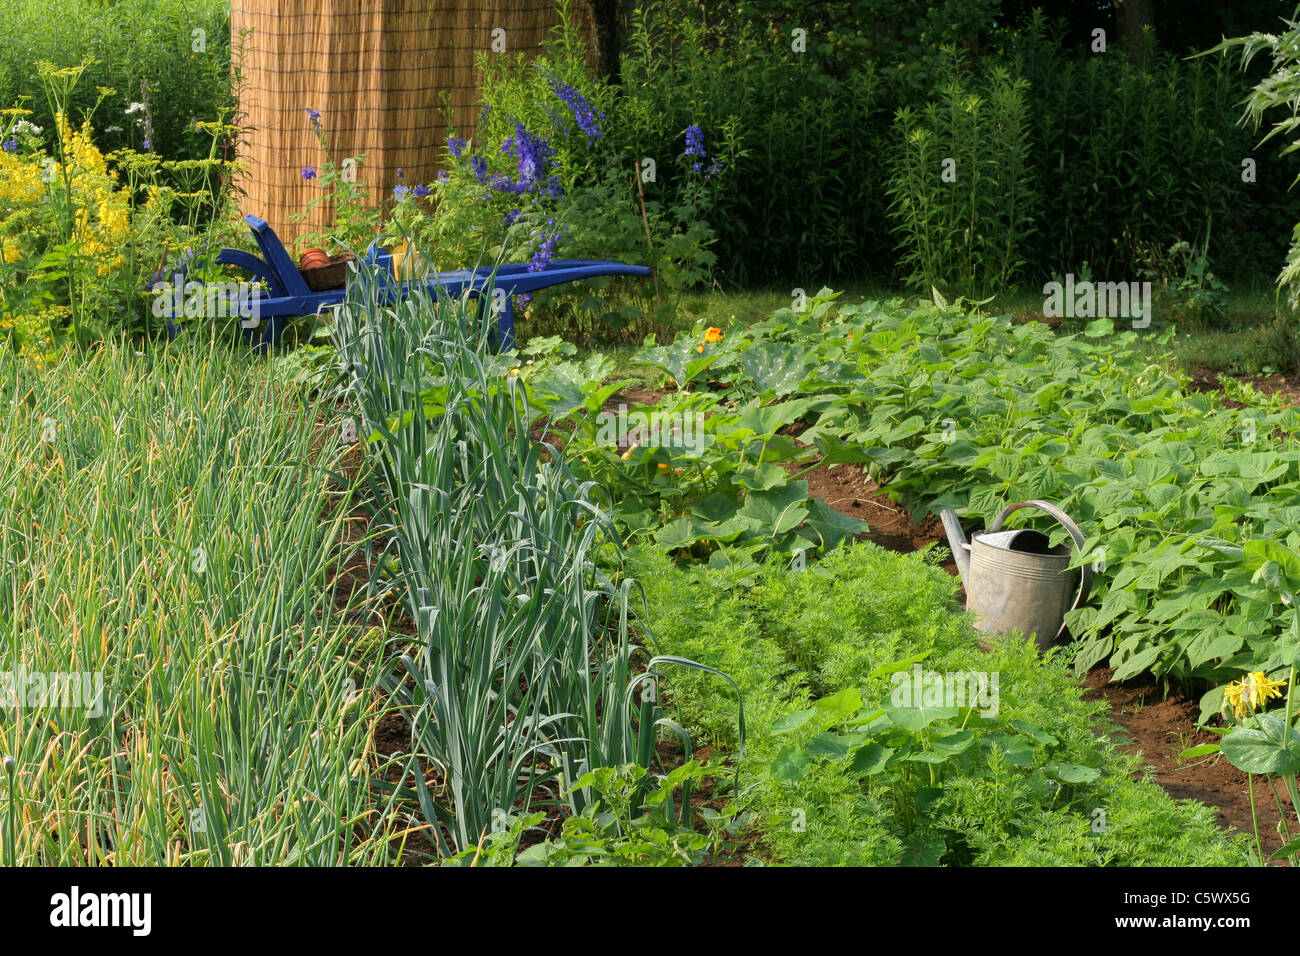 Planches De Legumes Dans Un Jardin Potager Stock Photos Planches